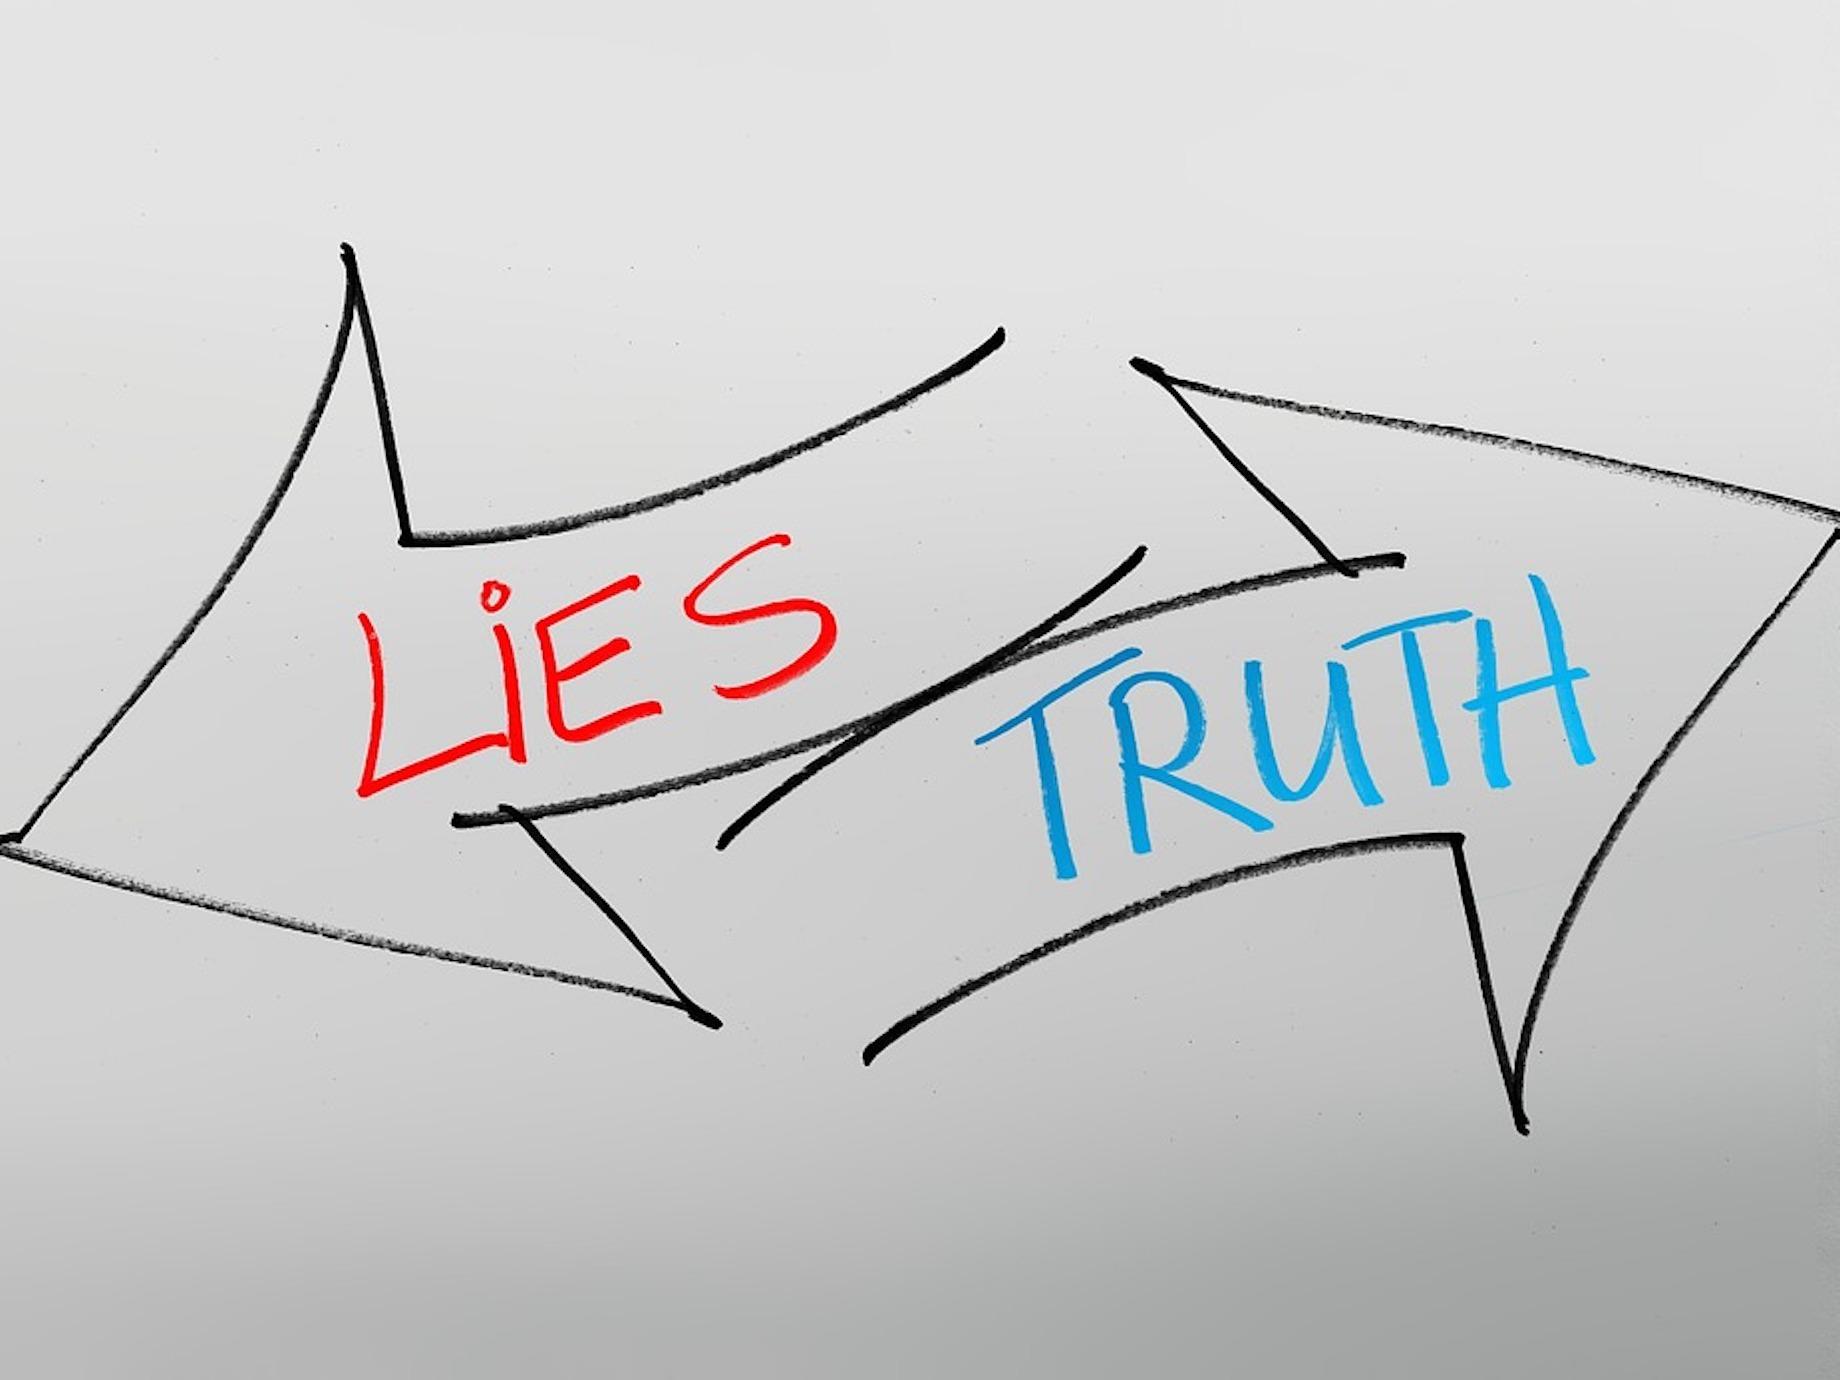 資訊爆炸、真相被操弄!我們該如何從大量資訊中,分辨何為謊言與真相?